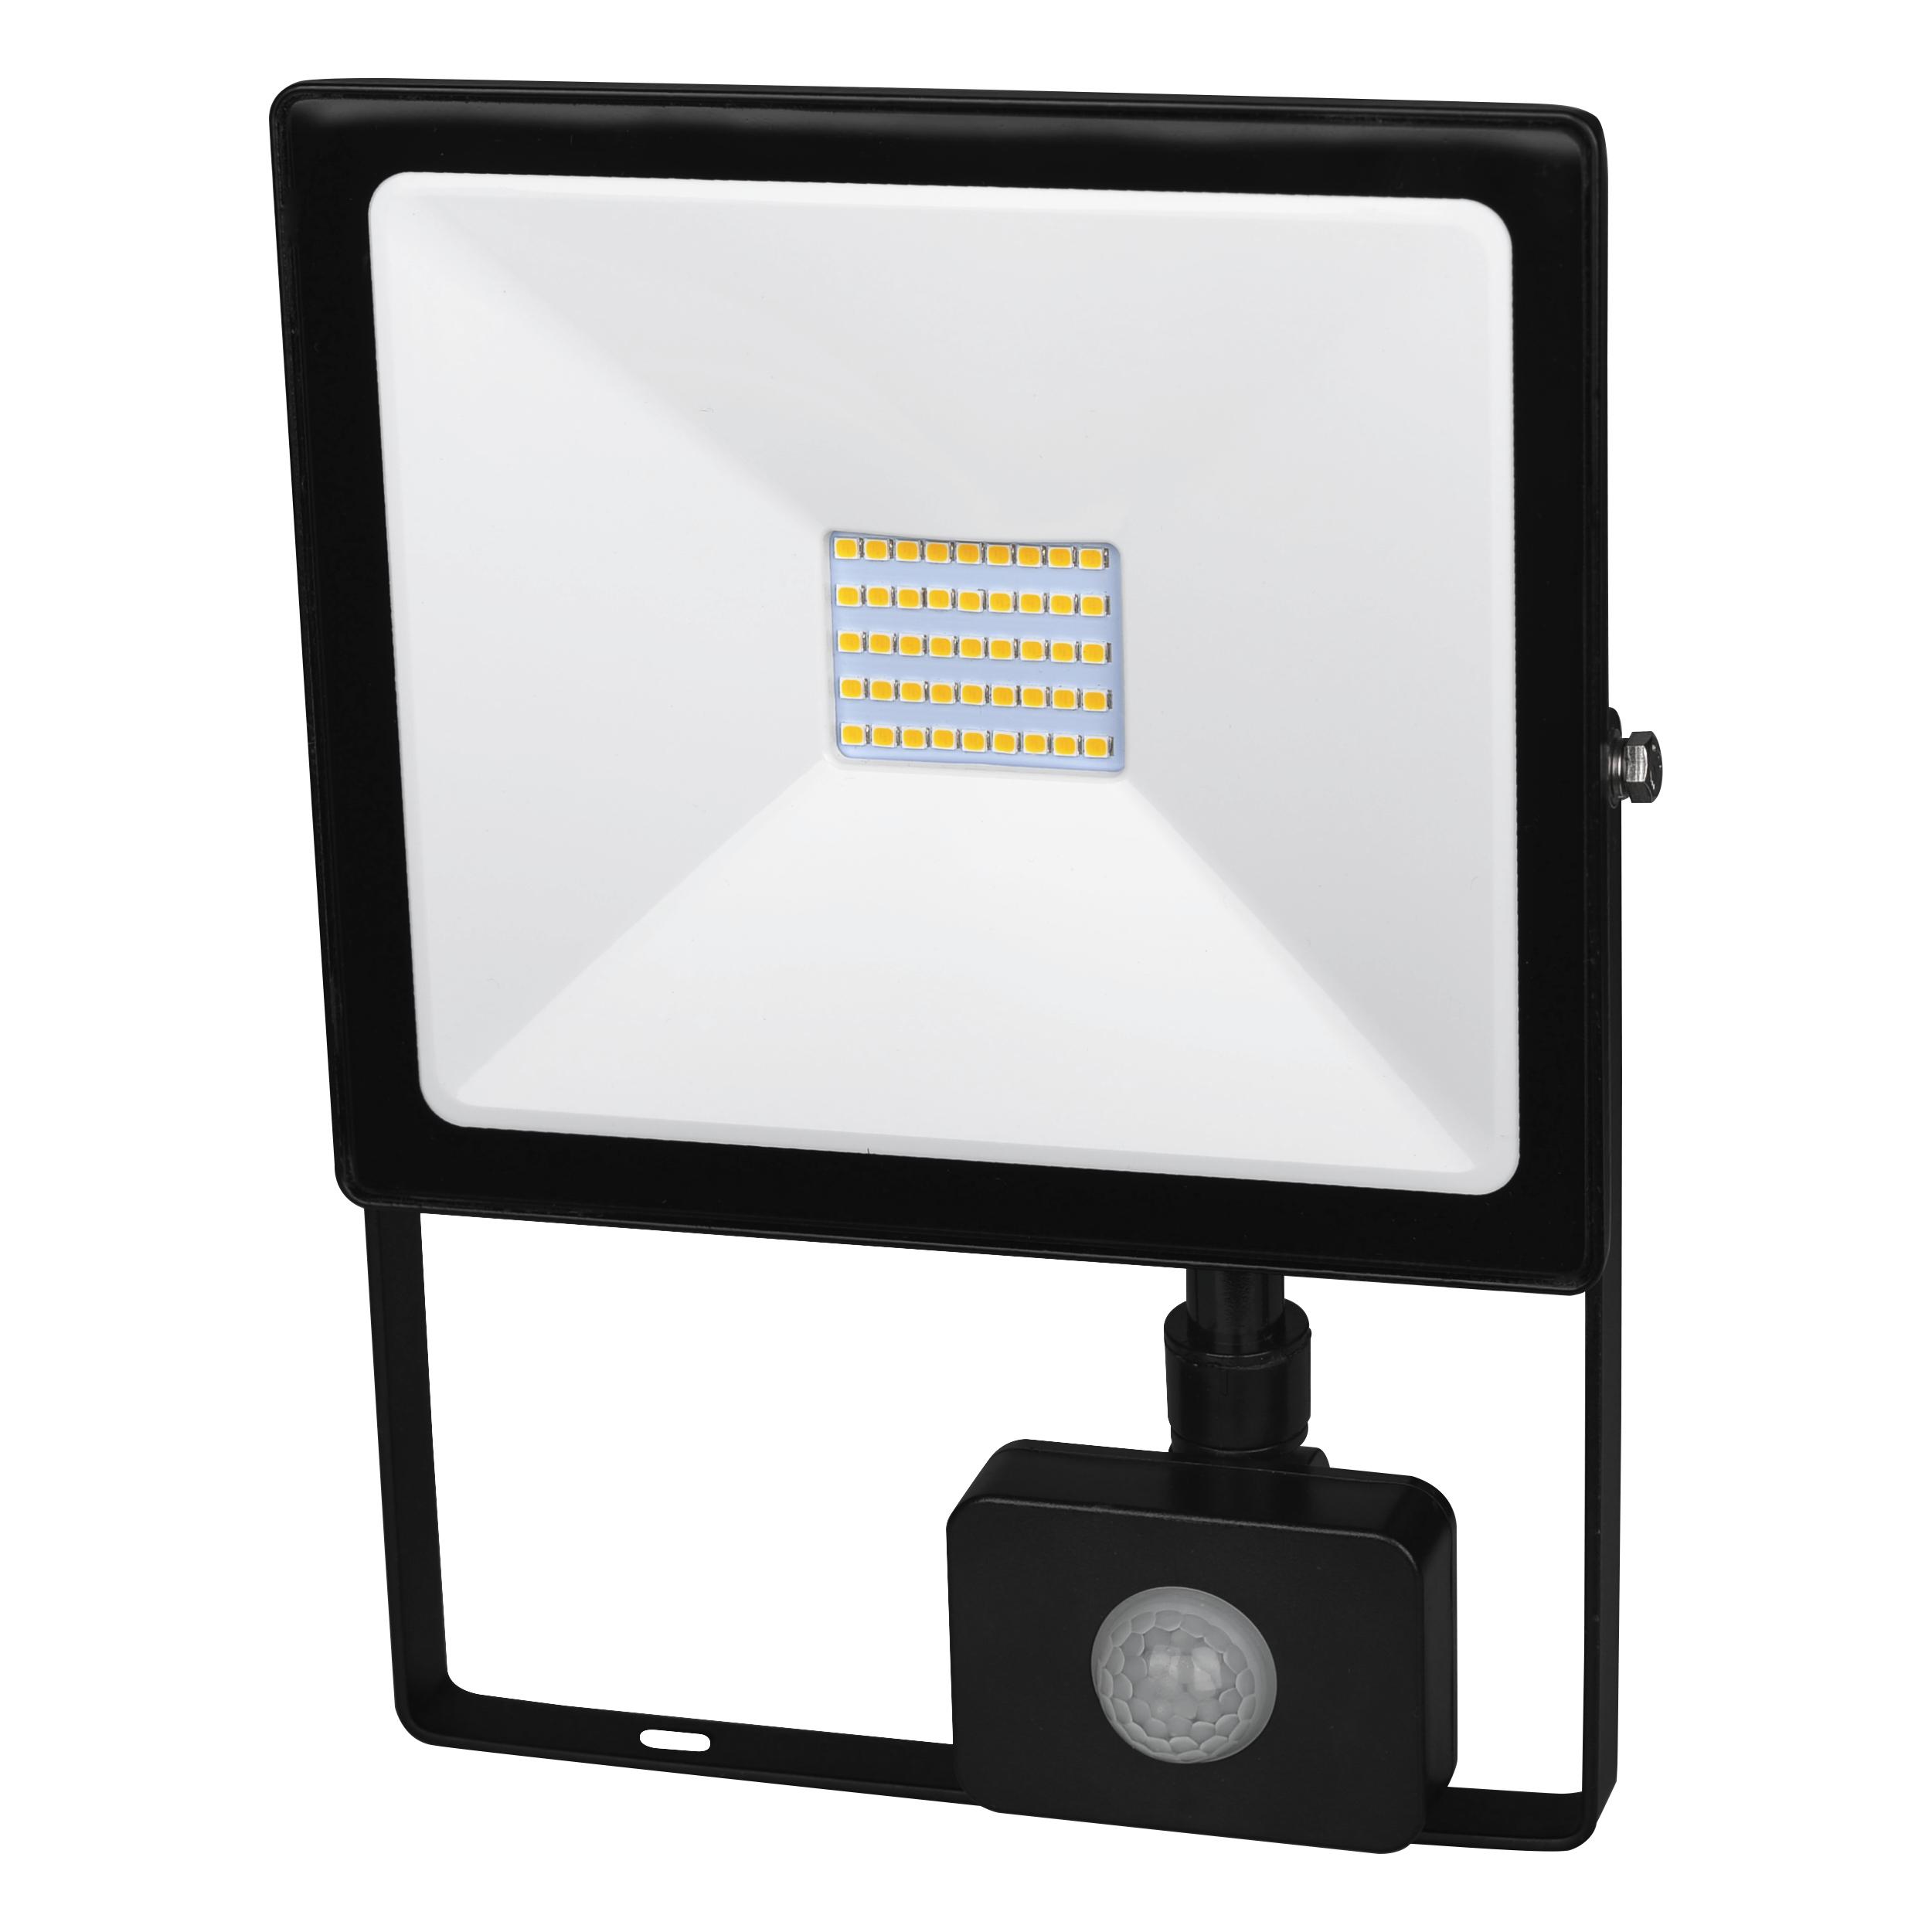 LED reflektor s čidlem pohybu DAISY LED PIR SMD 50W studená bílá - Greenlux (GXDS119)